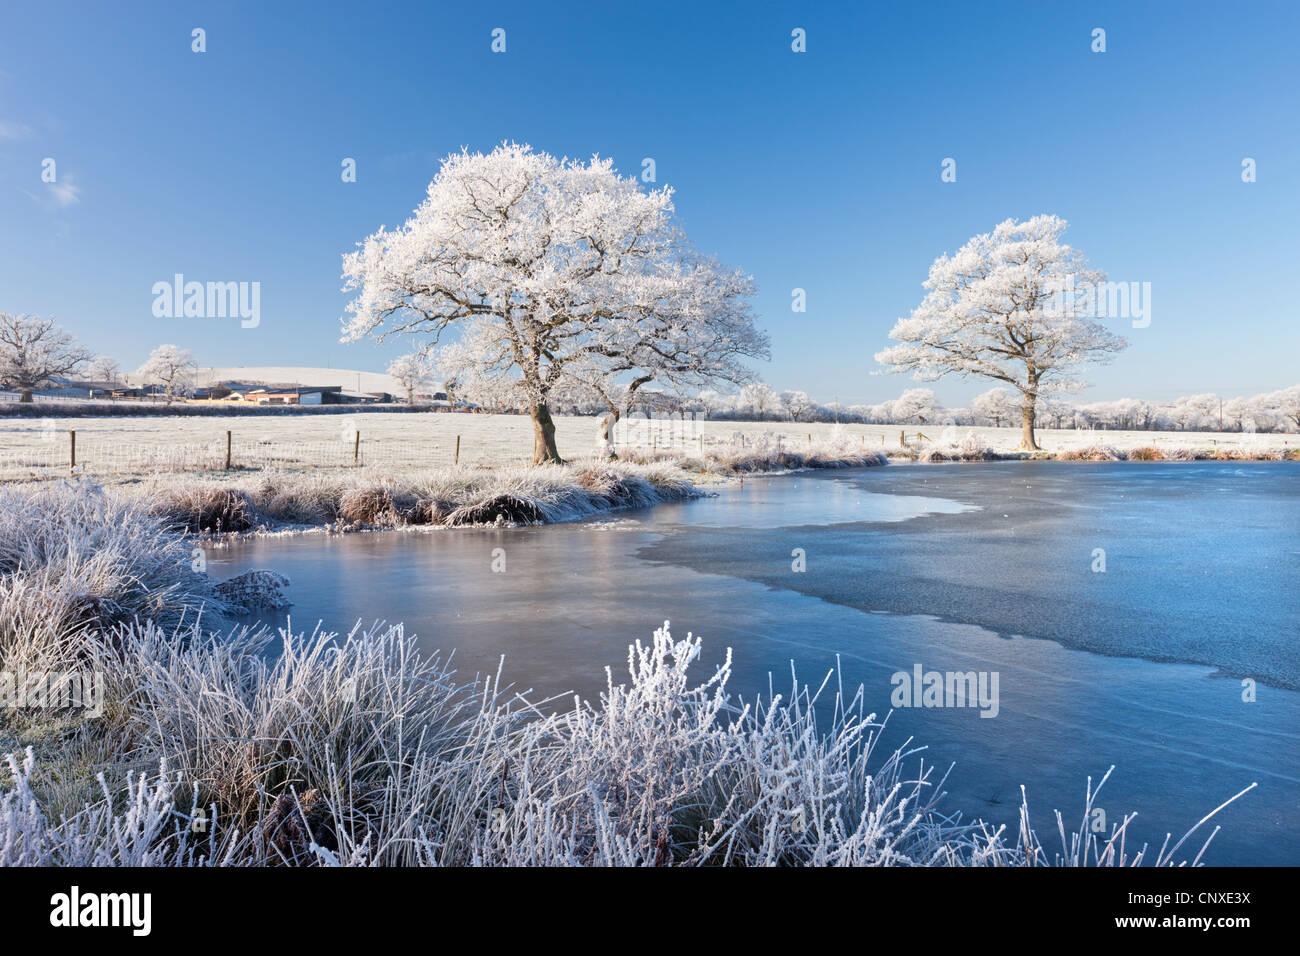 Blanco mate hoar árboles y lago congelado en una fría mañana de invierno, Morchard Road, Devon, Inglaterra. Invierno (diciembre de 2010). Foto de stock